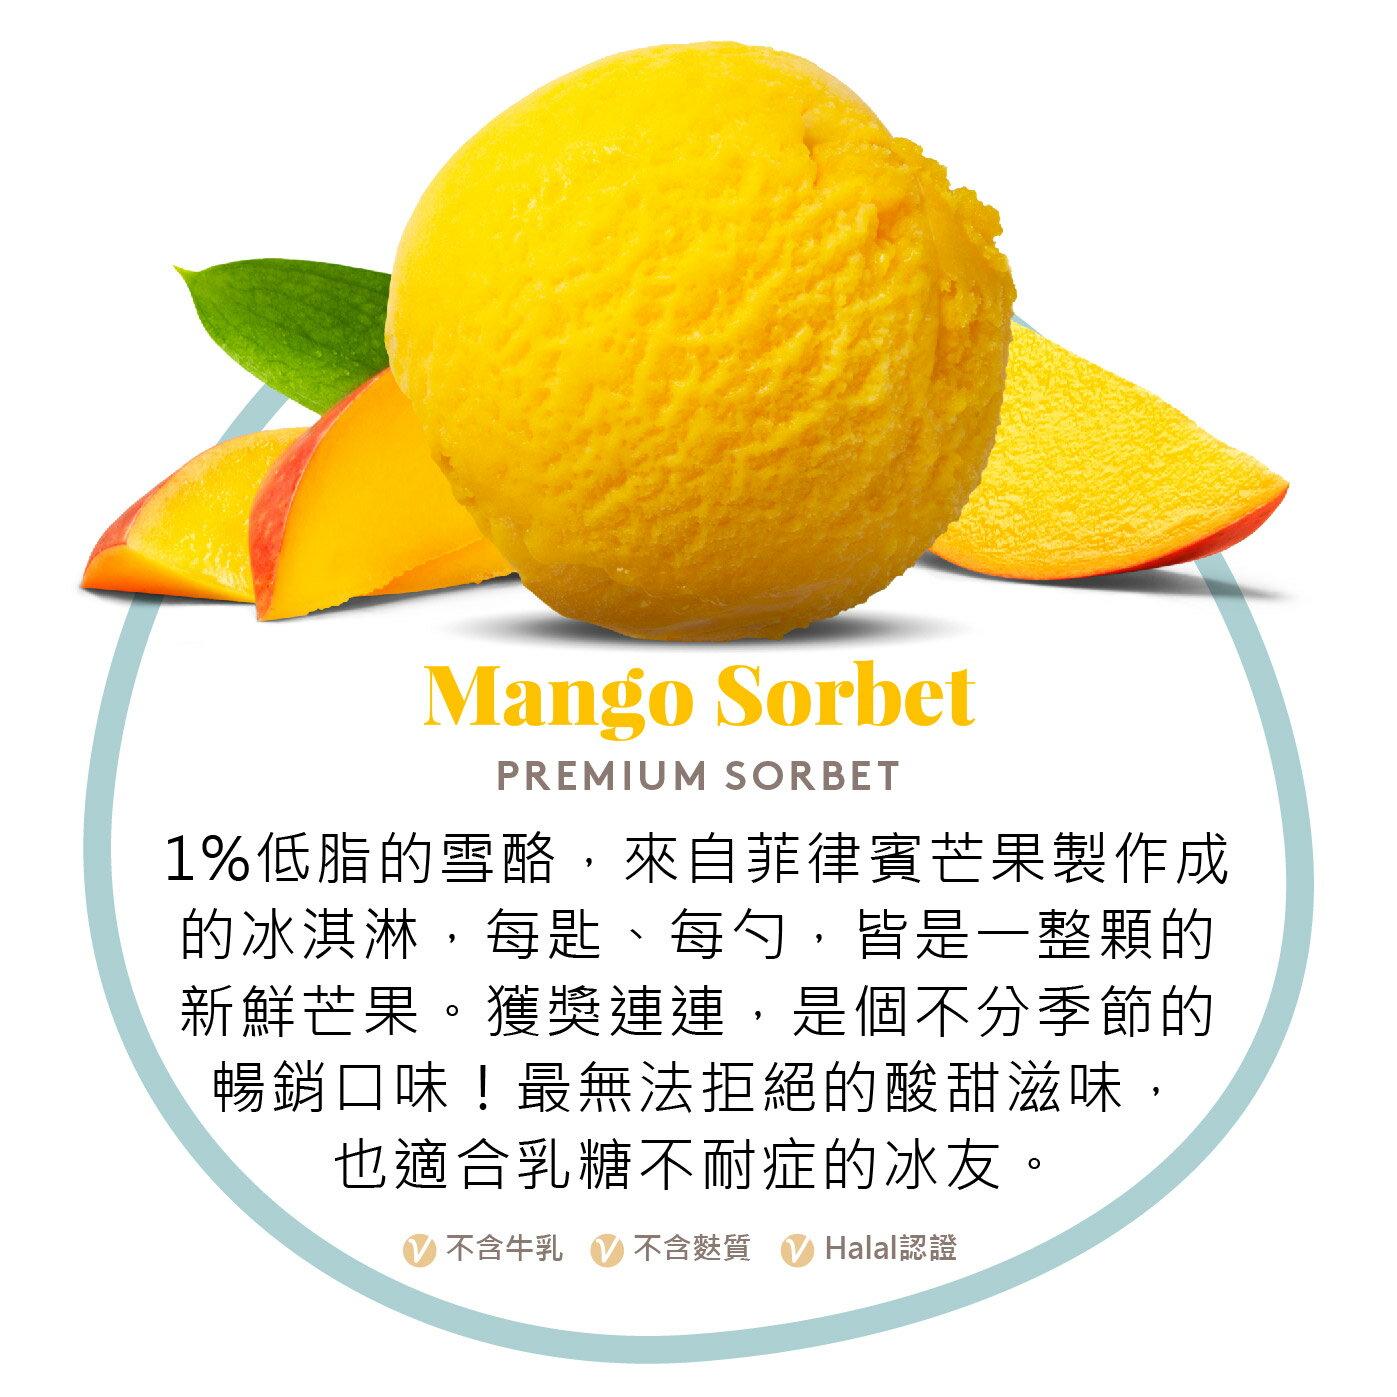 ★紐芝蘭樂活冰淇淋//低脂低卡二入組//★罪惡感OUT!!!